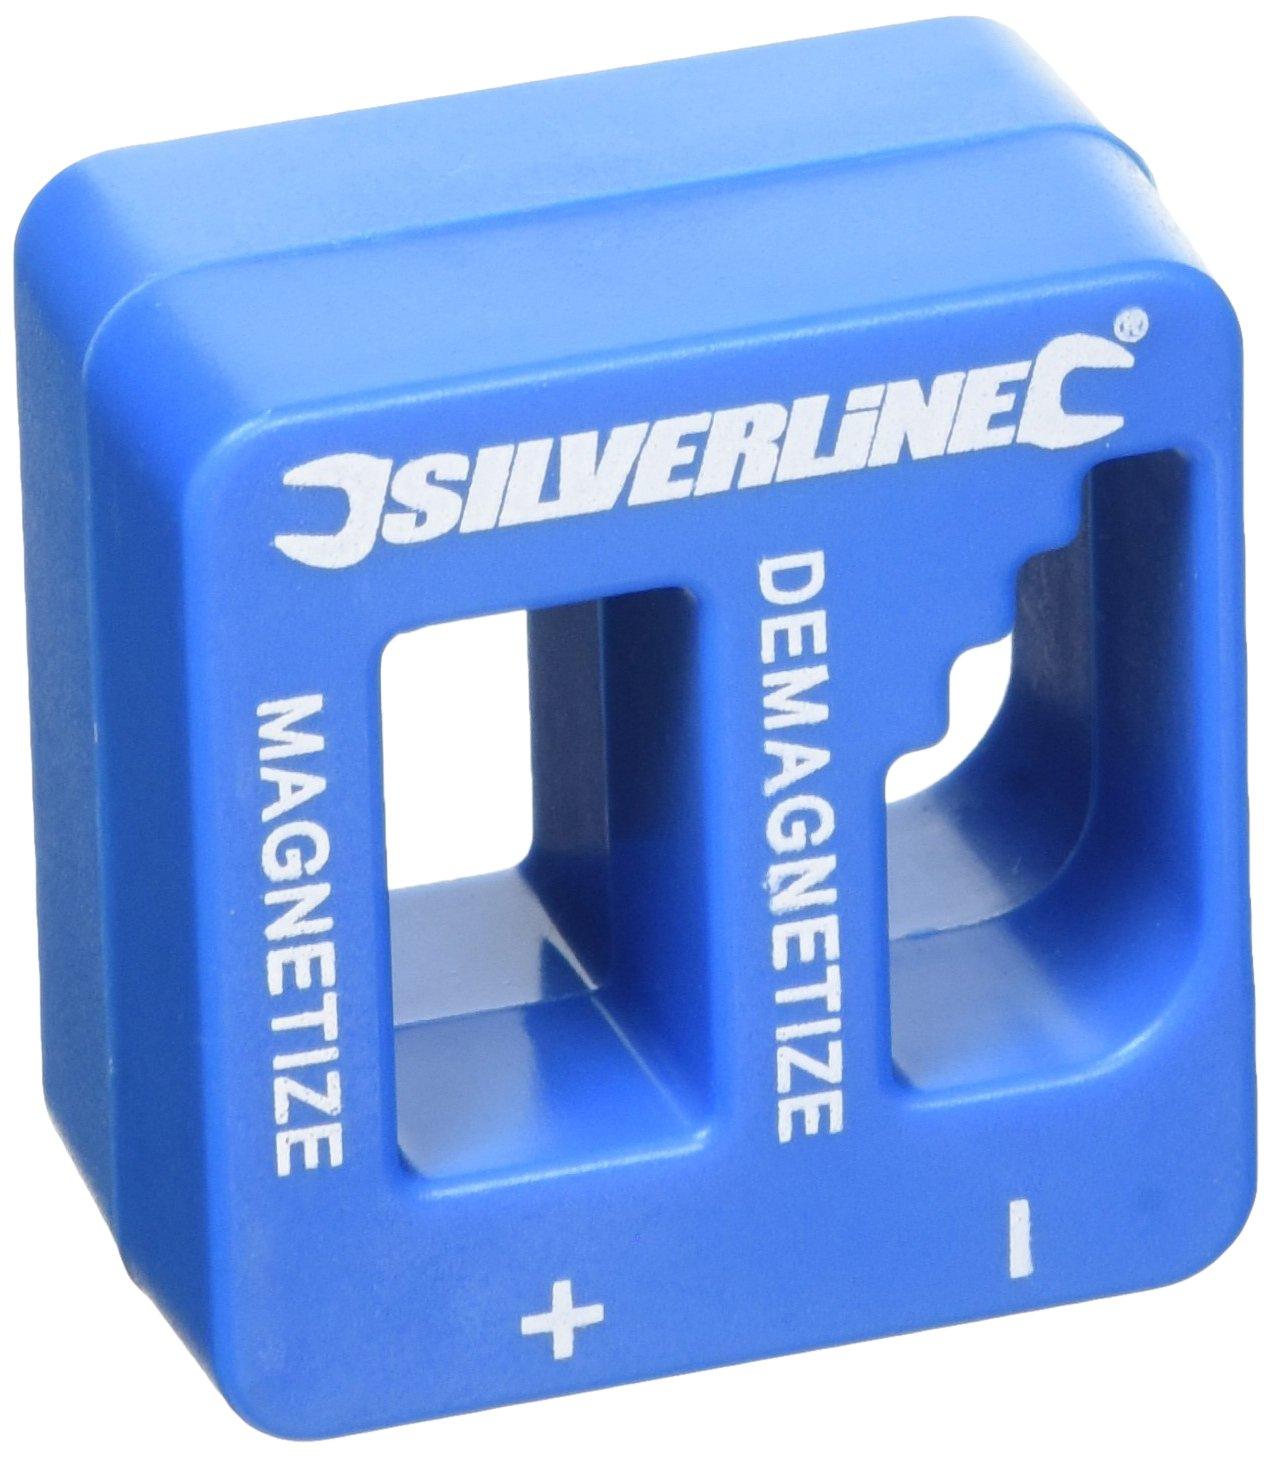 Silverline 245116 Conector para Destornilladores, 50x50x30mm: Amazon.es: Bricolaje y herramientas